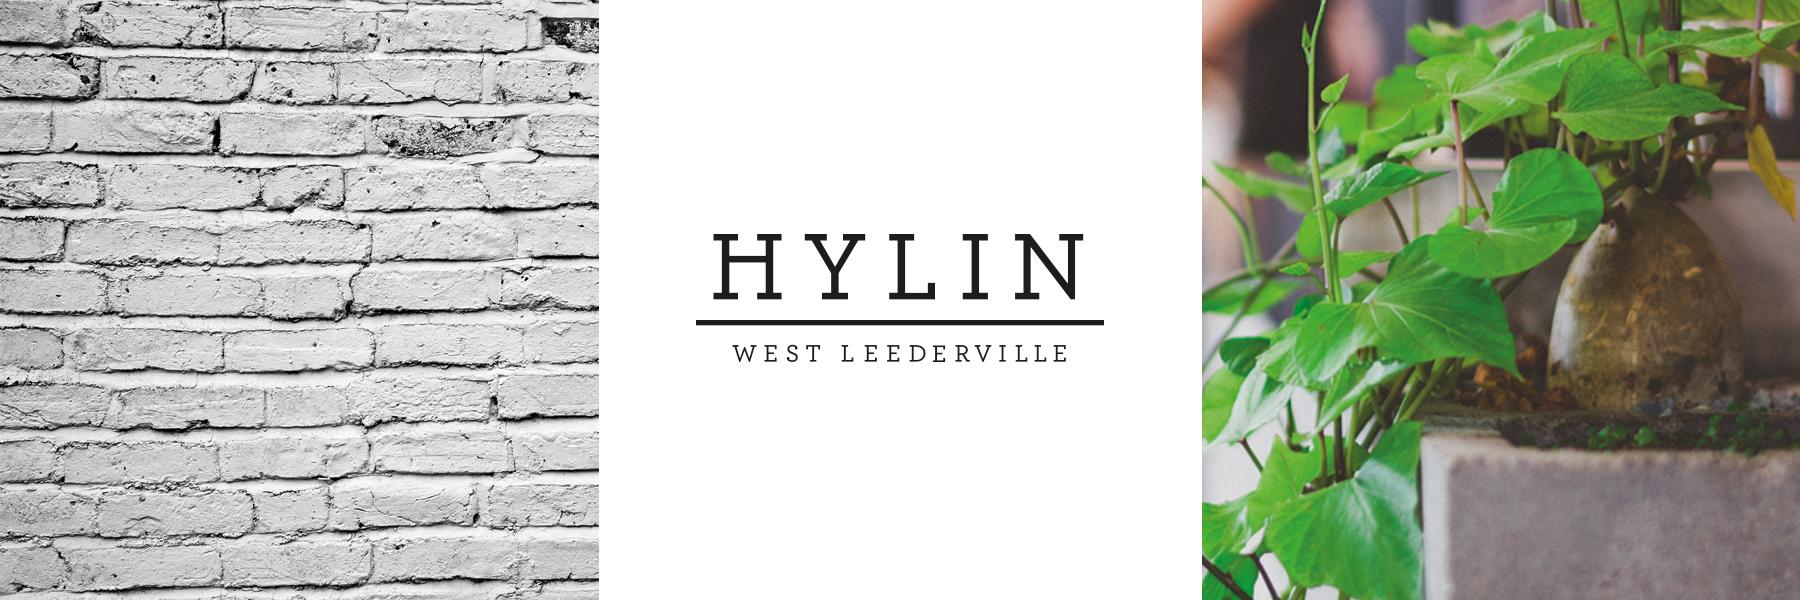 Hylin_brand1_web.jpg